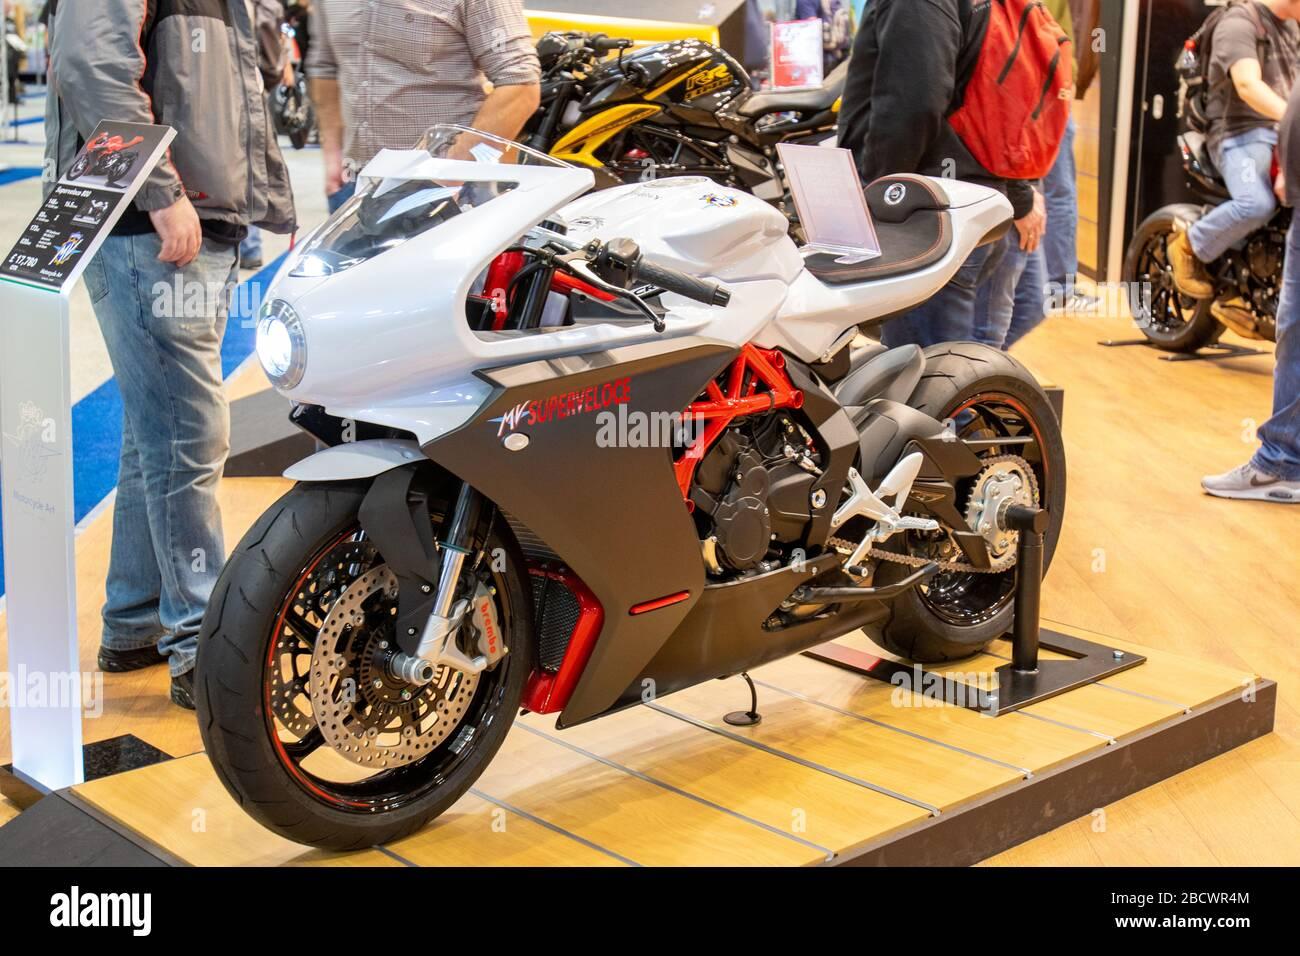 MV Agusta Superveloce 800 Banque D'Images